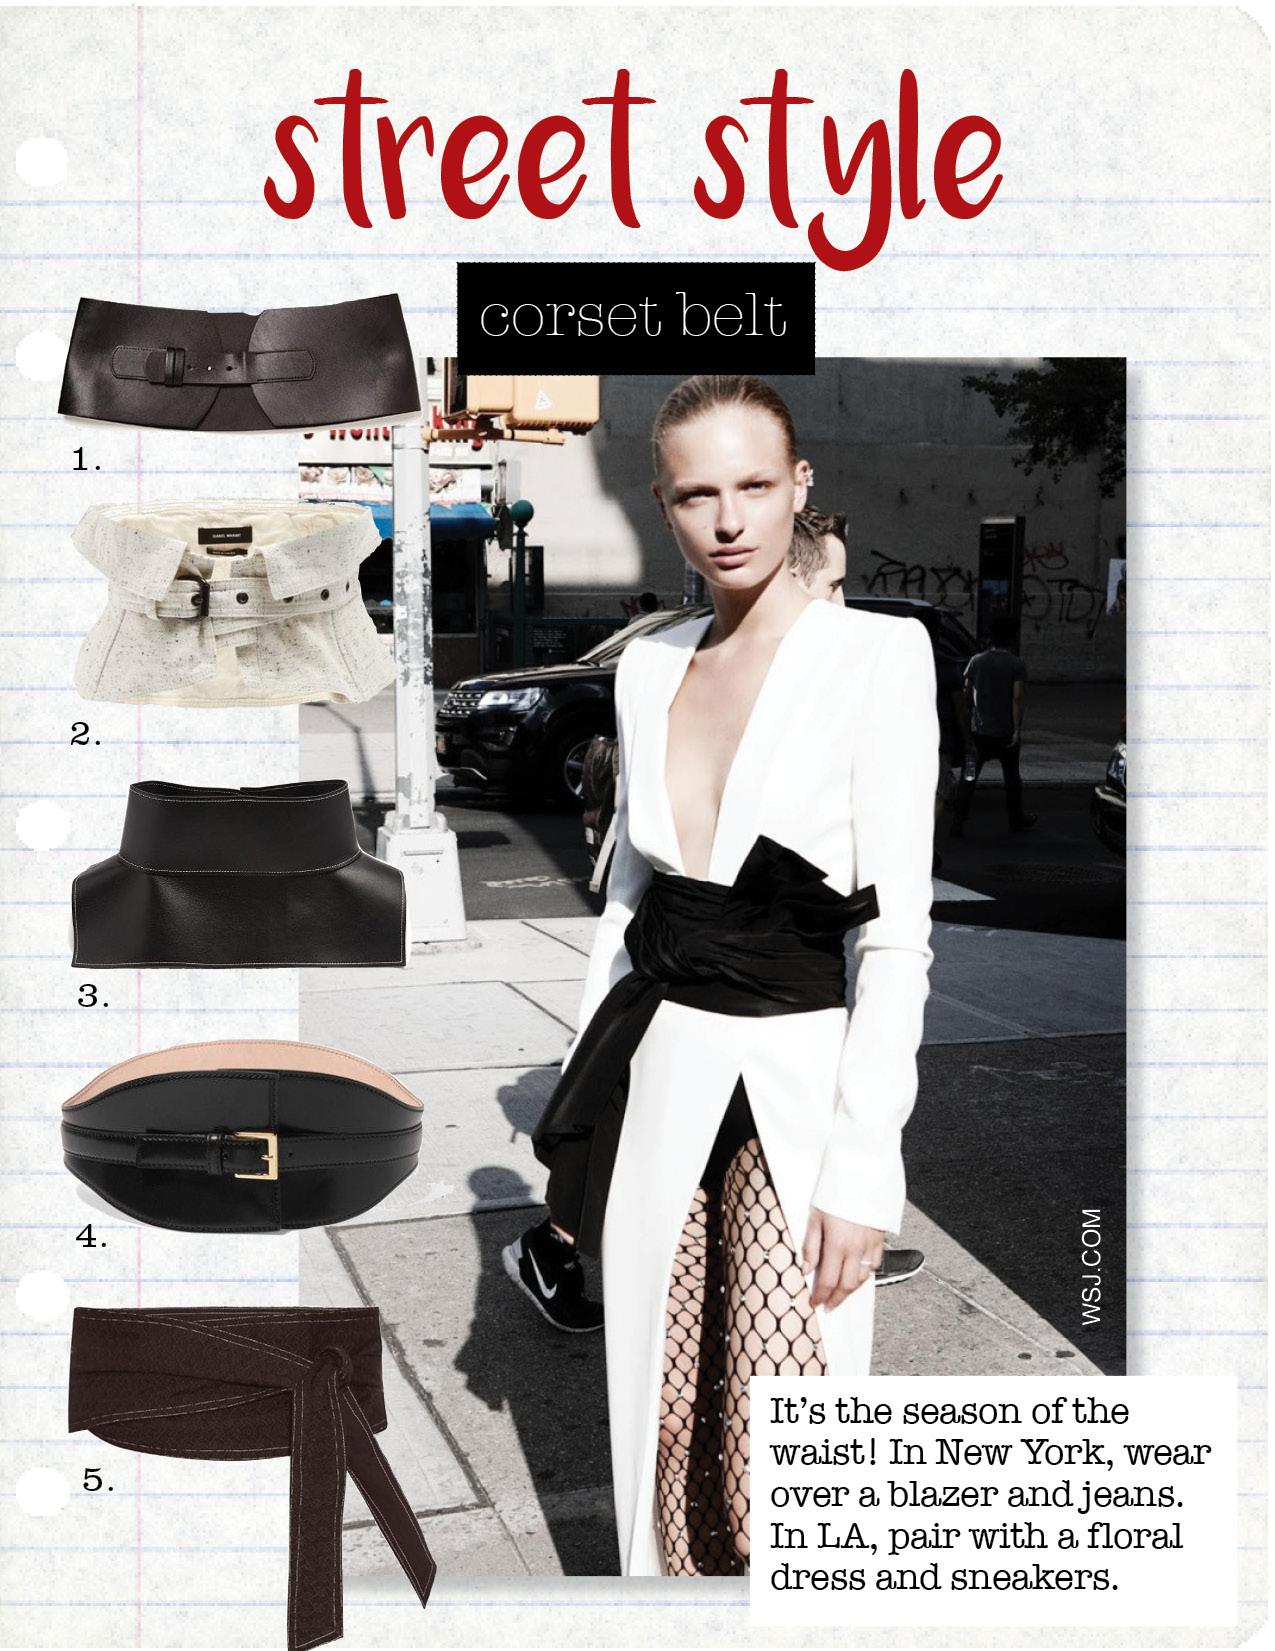 1. zara black corset, $25,  zara.com  2. isabel marant erika wrapped cotton waist belt, $281,  matchesfashion.com  3. loewe obi leather belt, $718,  matchesfashion.com  4. alexander mcqueen leather waist belt, $945,  net-a-porter.com  5. cecilie copenhagen wrap belt, $71,  matchesfashion.com